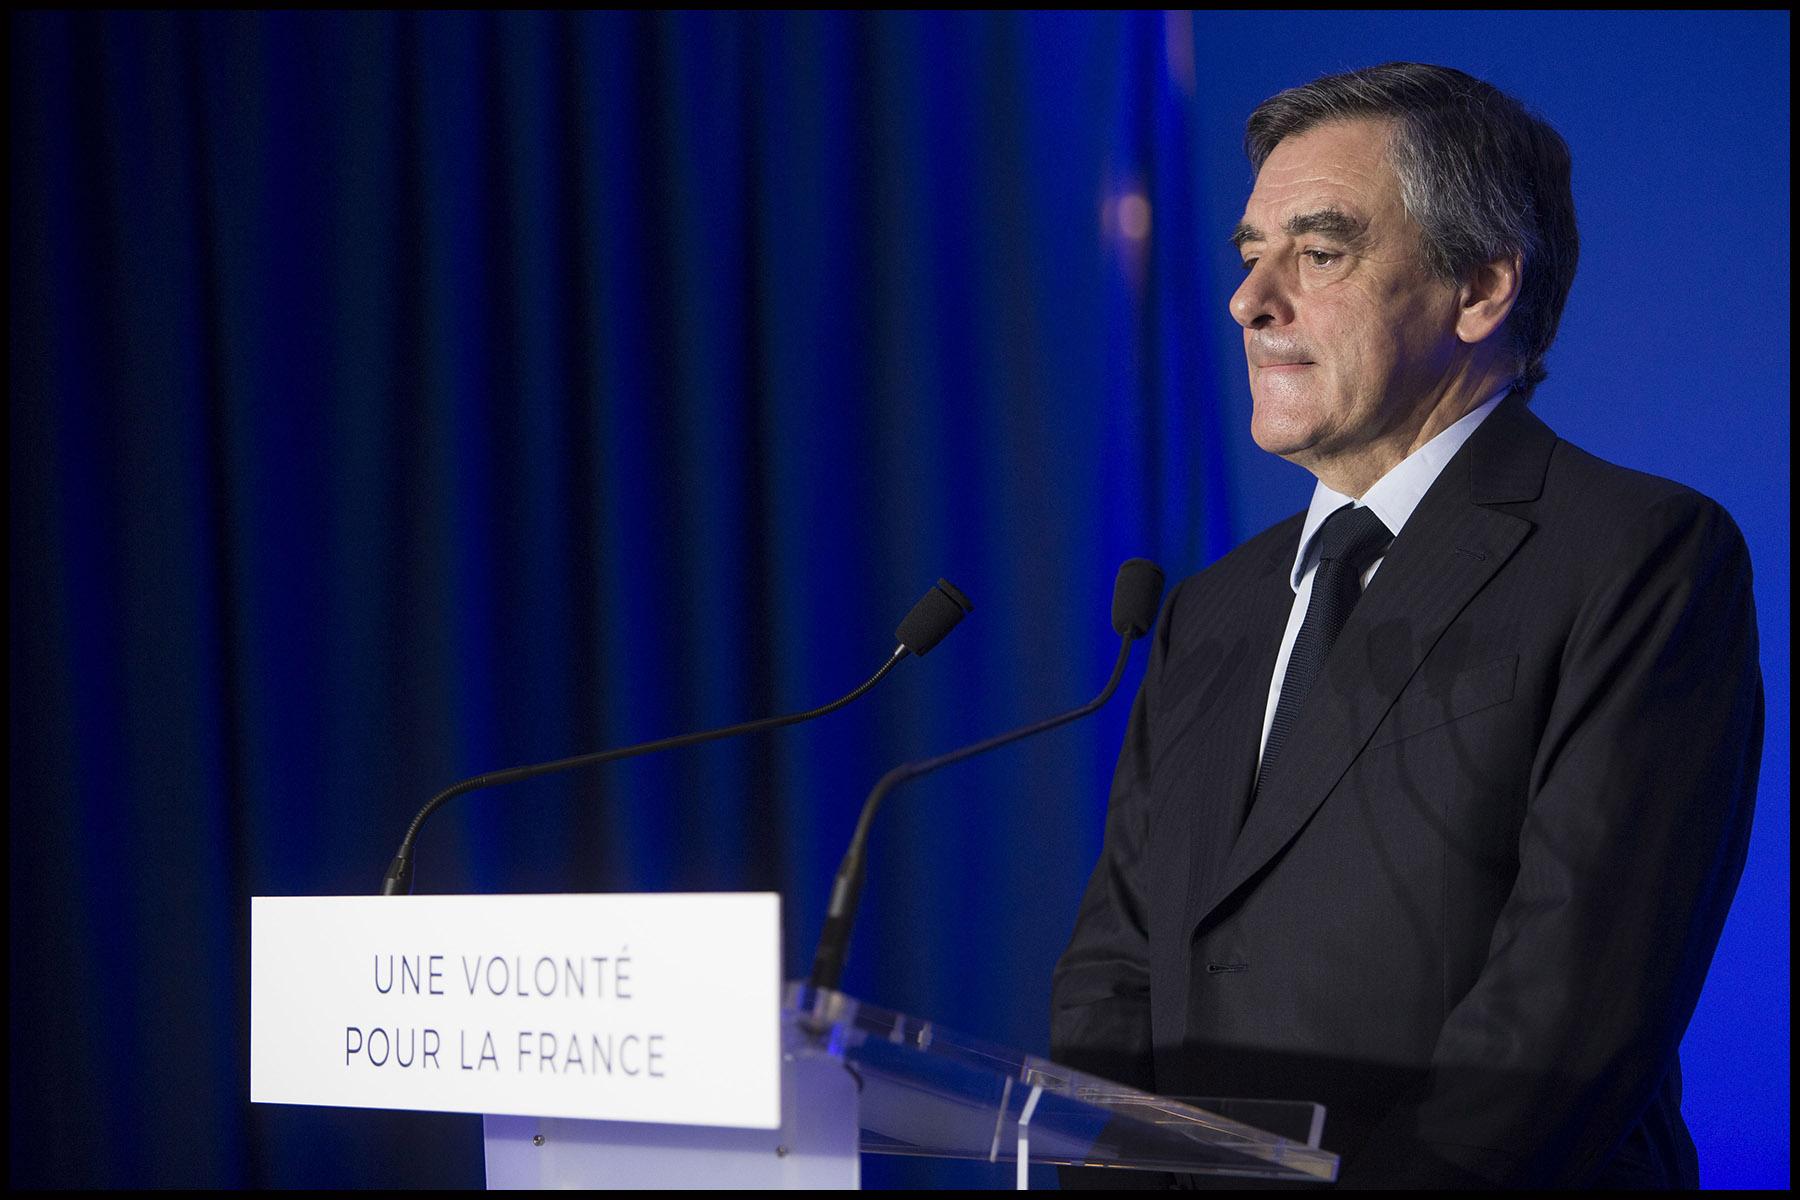 Conférence de presse du candidat Les Républicains François FILLON sur son programme de défense et de politique internationale